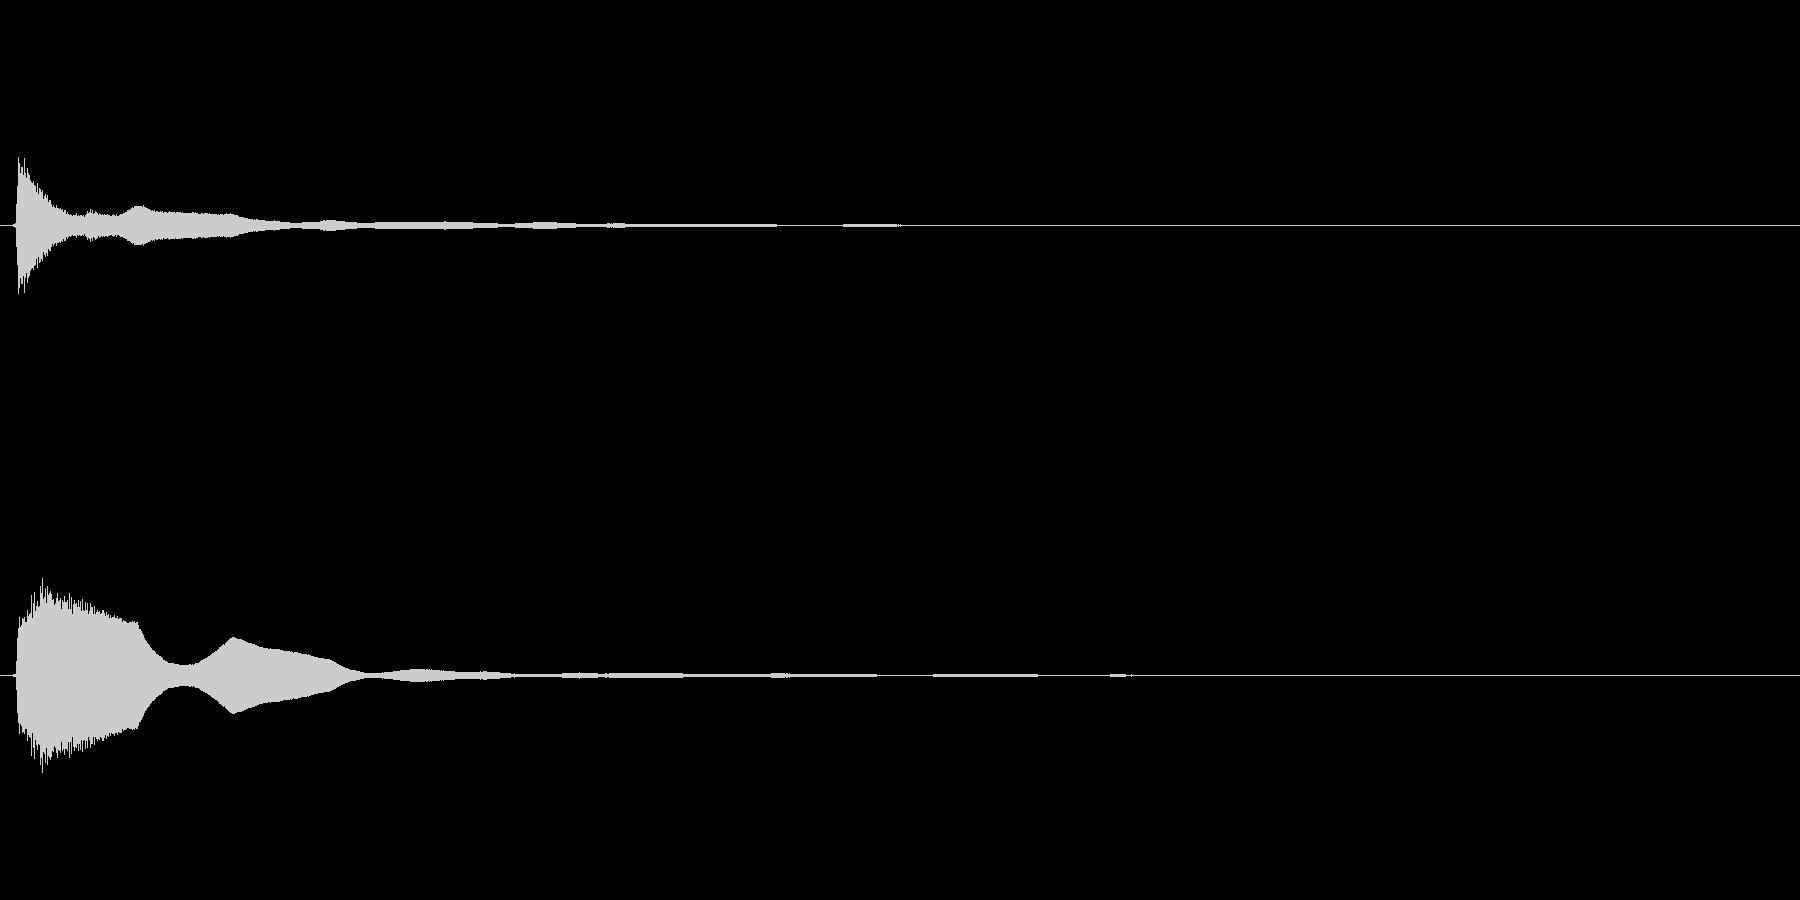 キラキラ系_053の未再生の波形